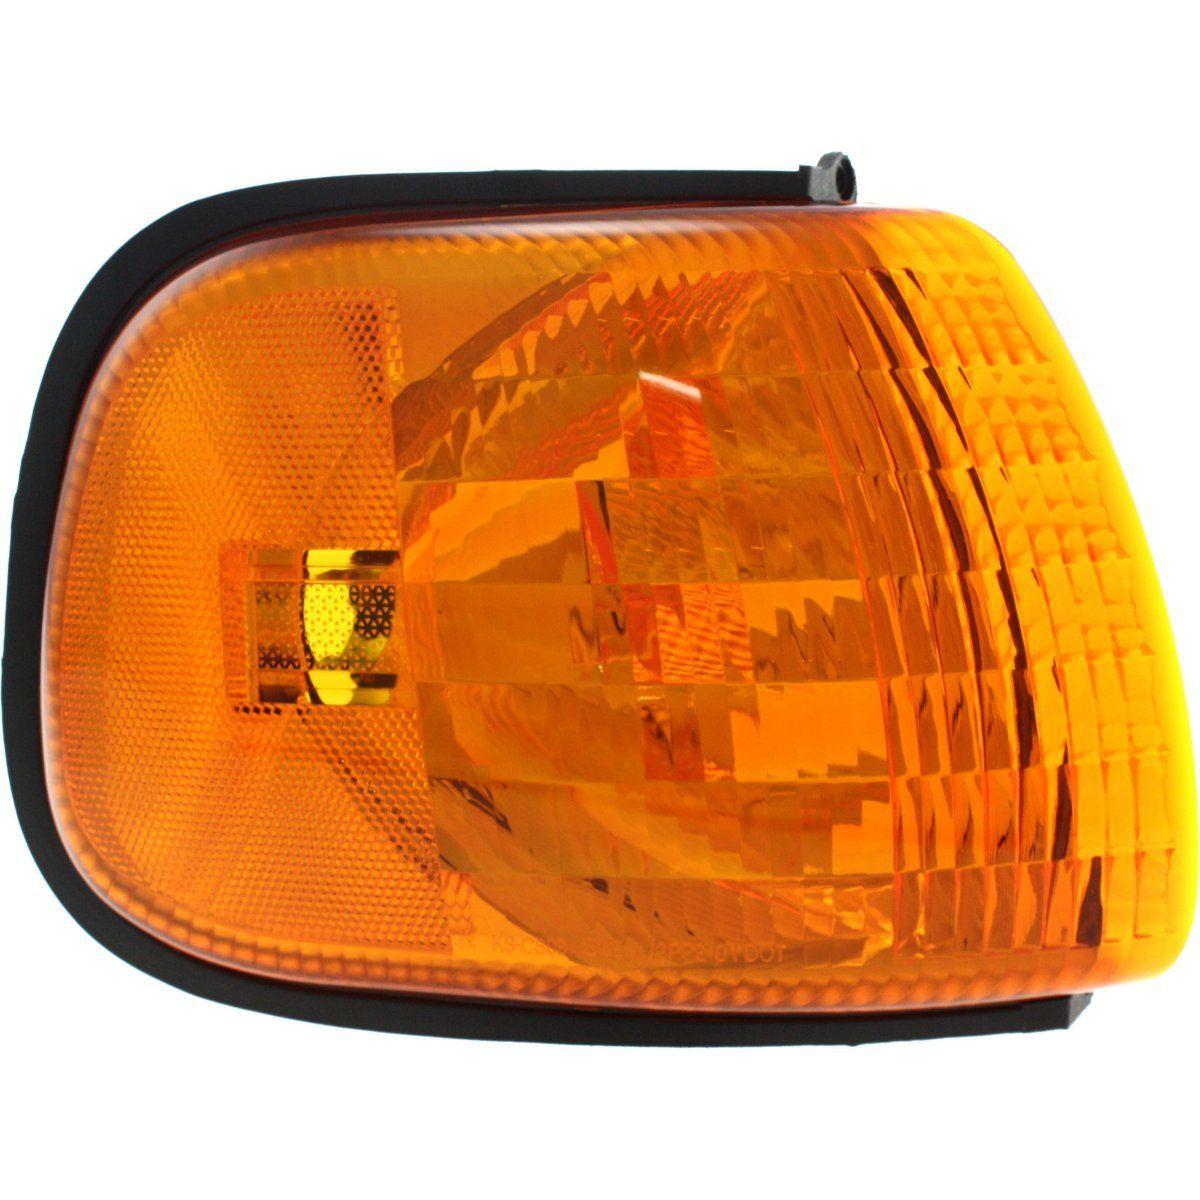 コーナーライト Corner Light For 99-2003 Dodge Ram 1500 Van Ram 3500 Van Passenger Side コーナーライト99-2003ドッジラム1500バンラム3500バン乗客側